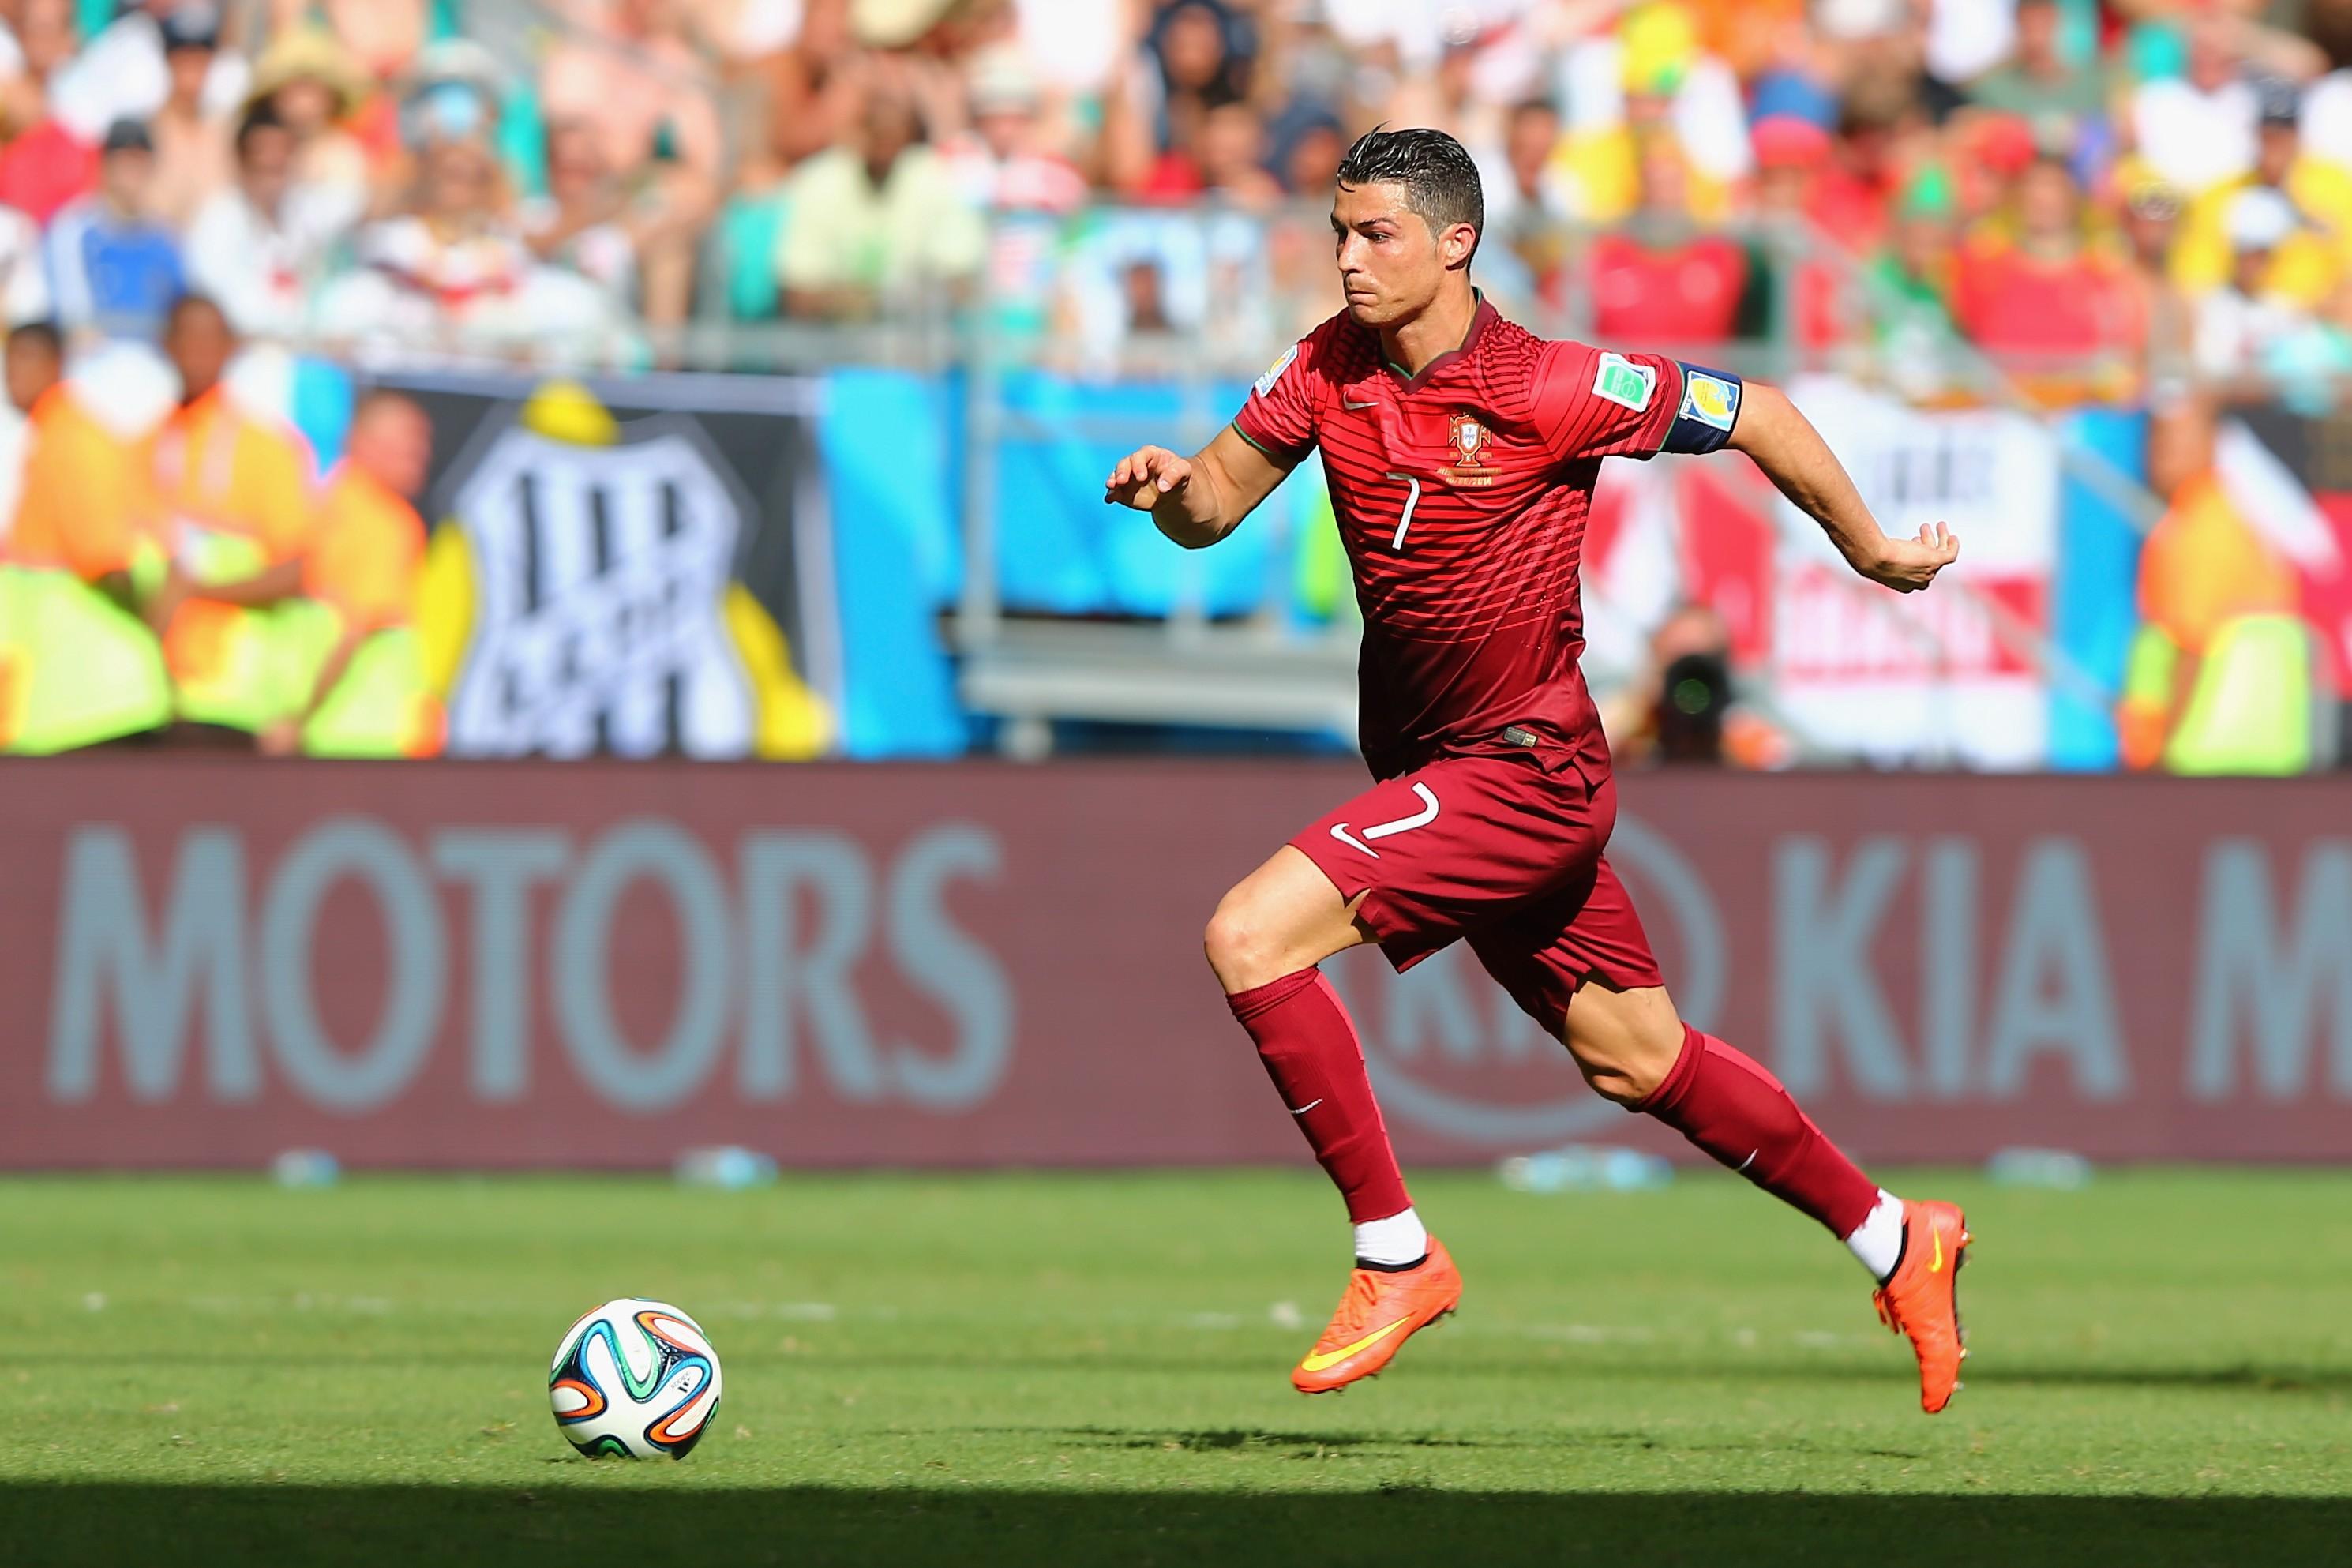 США - Португалия. 5 вопросов матча - изображение 2